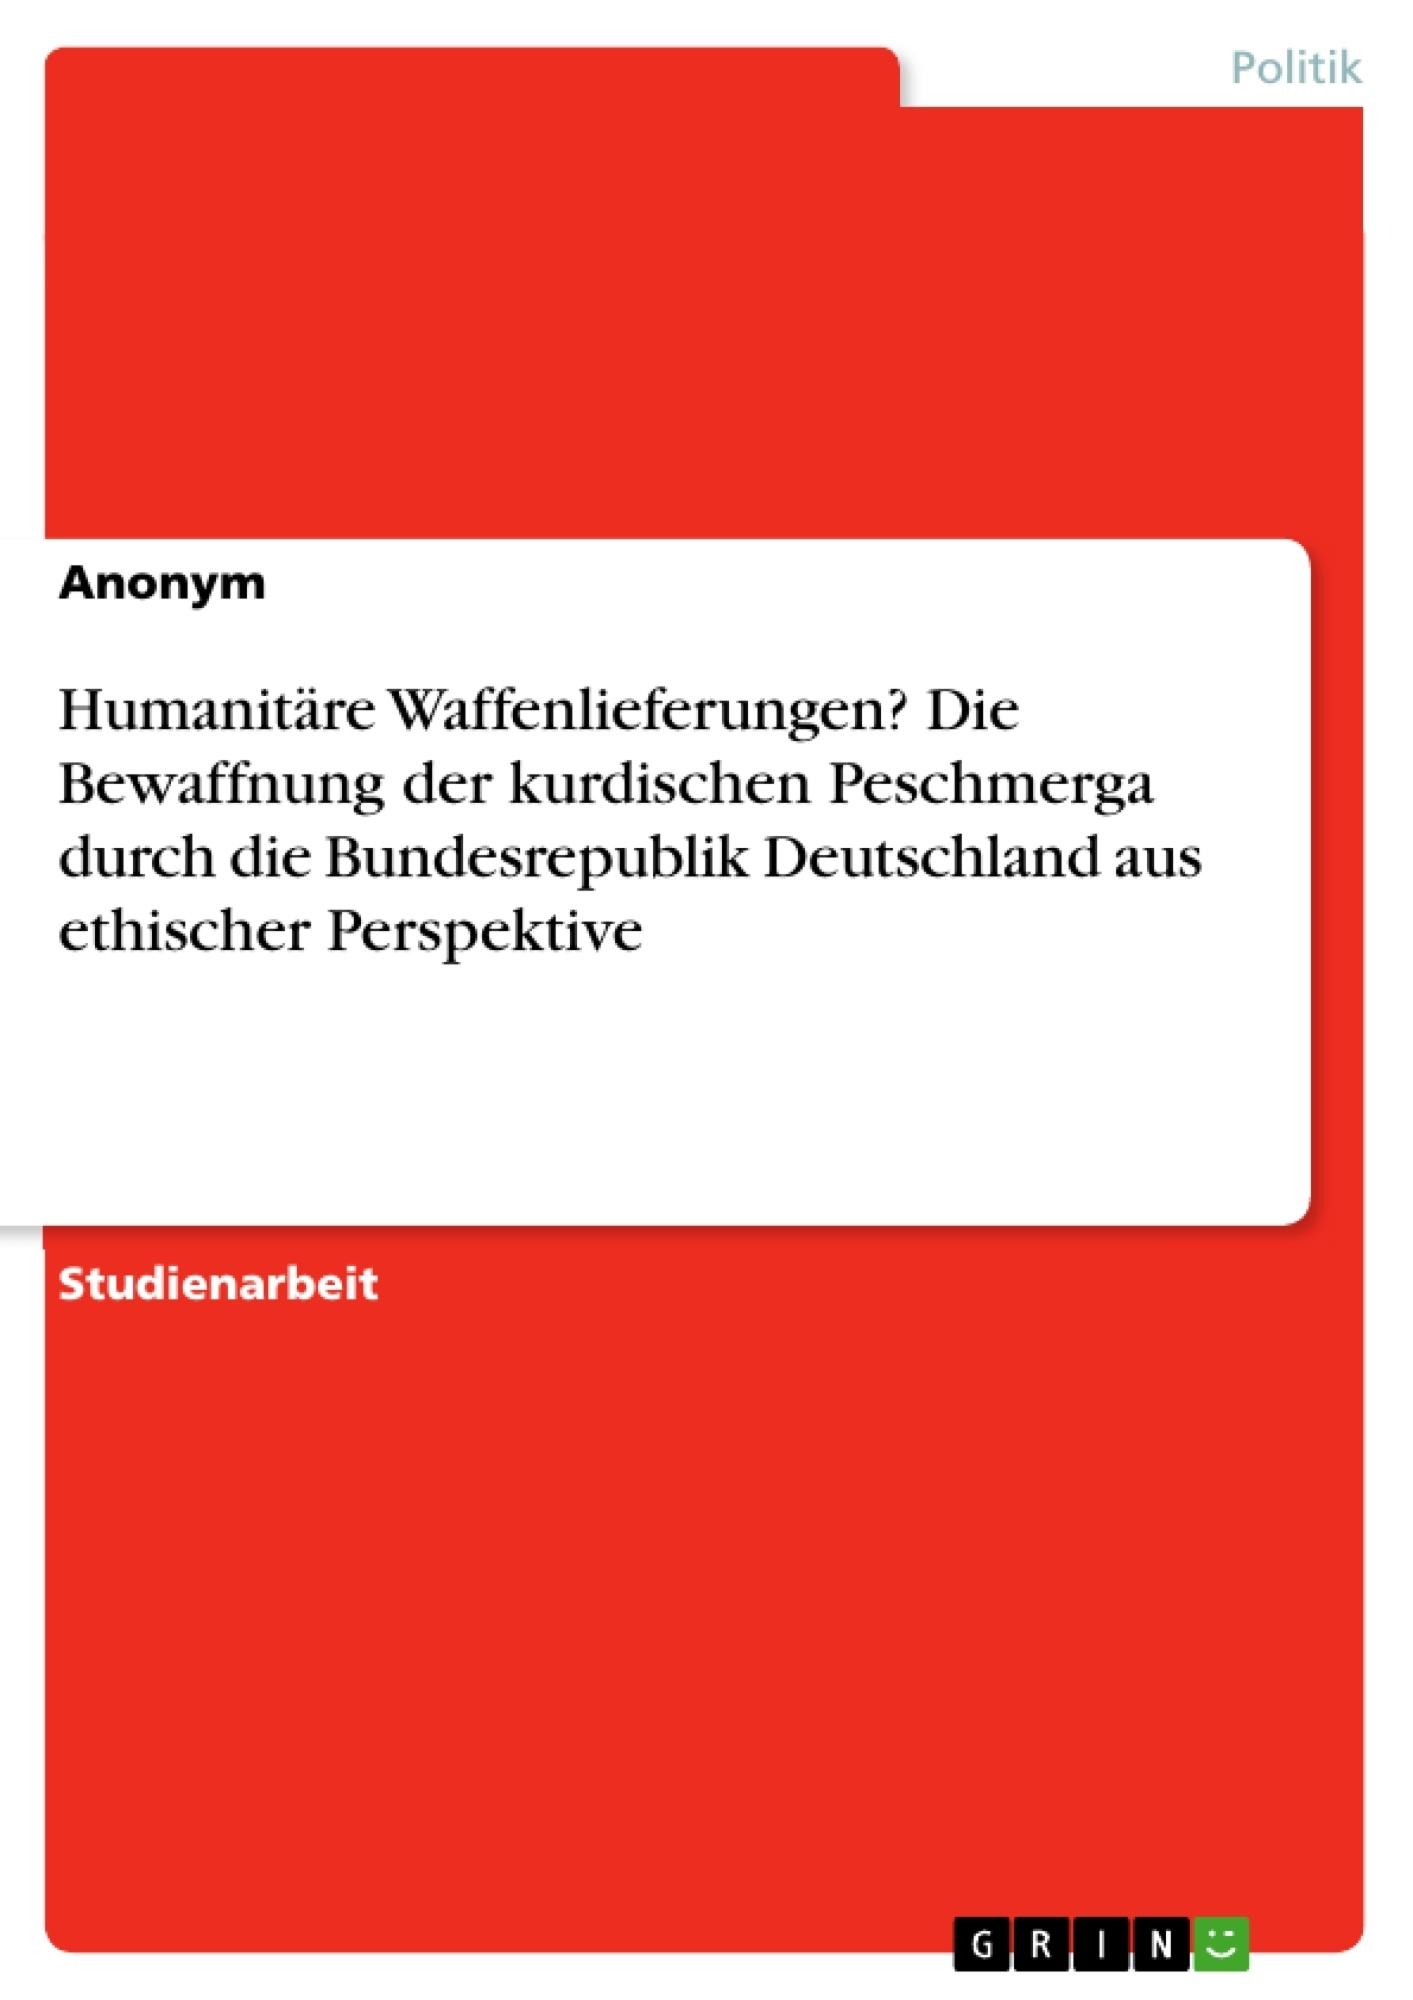 Titel: Humanitäre Waffenlieferungen? Die Bewaffnung der kurdischen Peschmerga durch die  Bundesrepublik Deutschland aus ethischer Perspektive